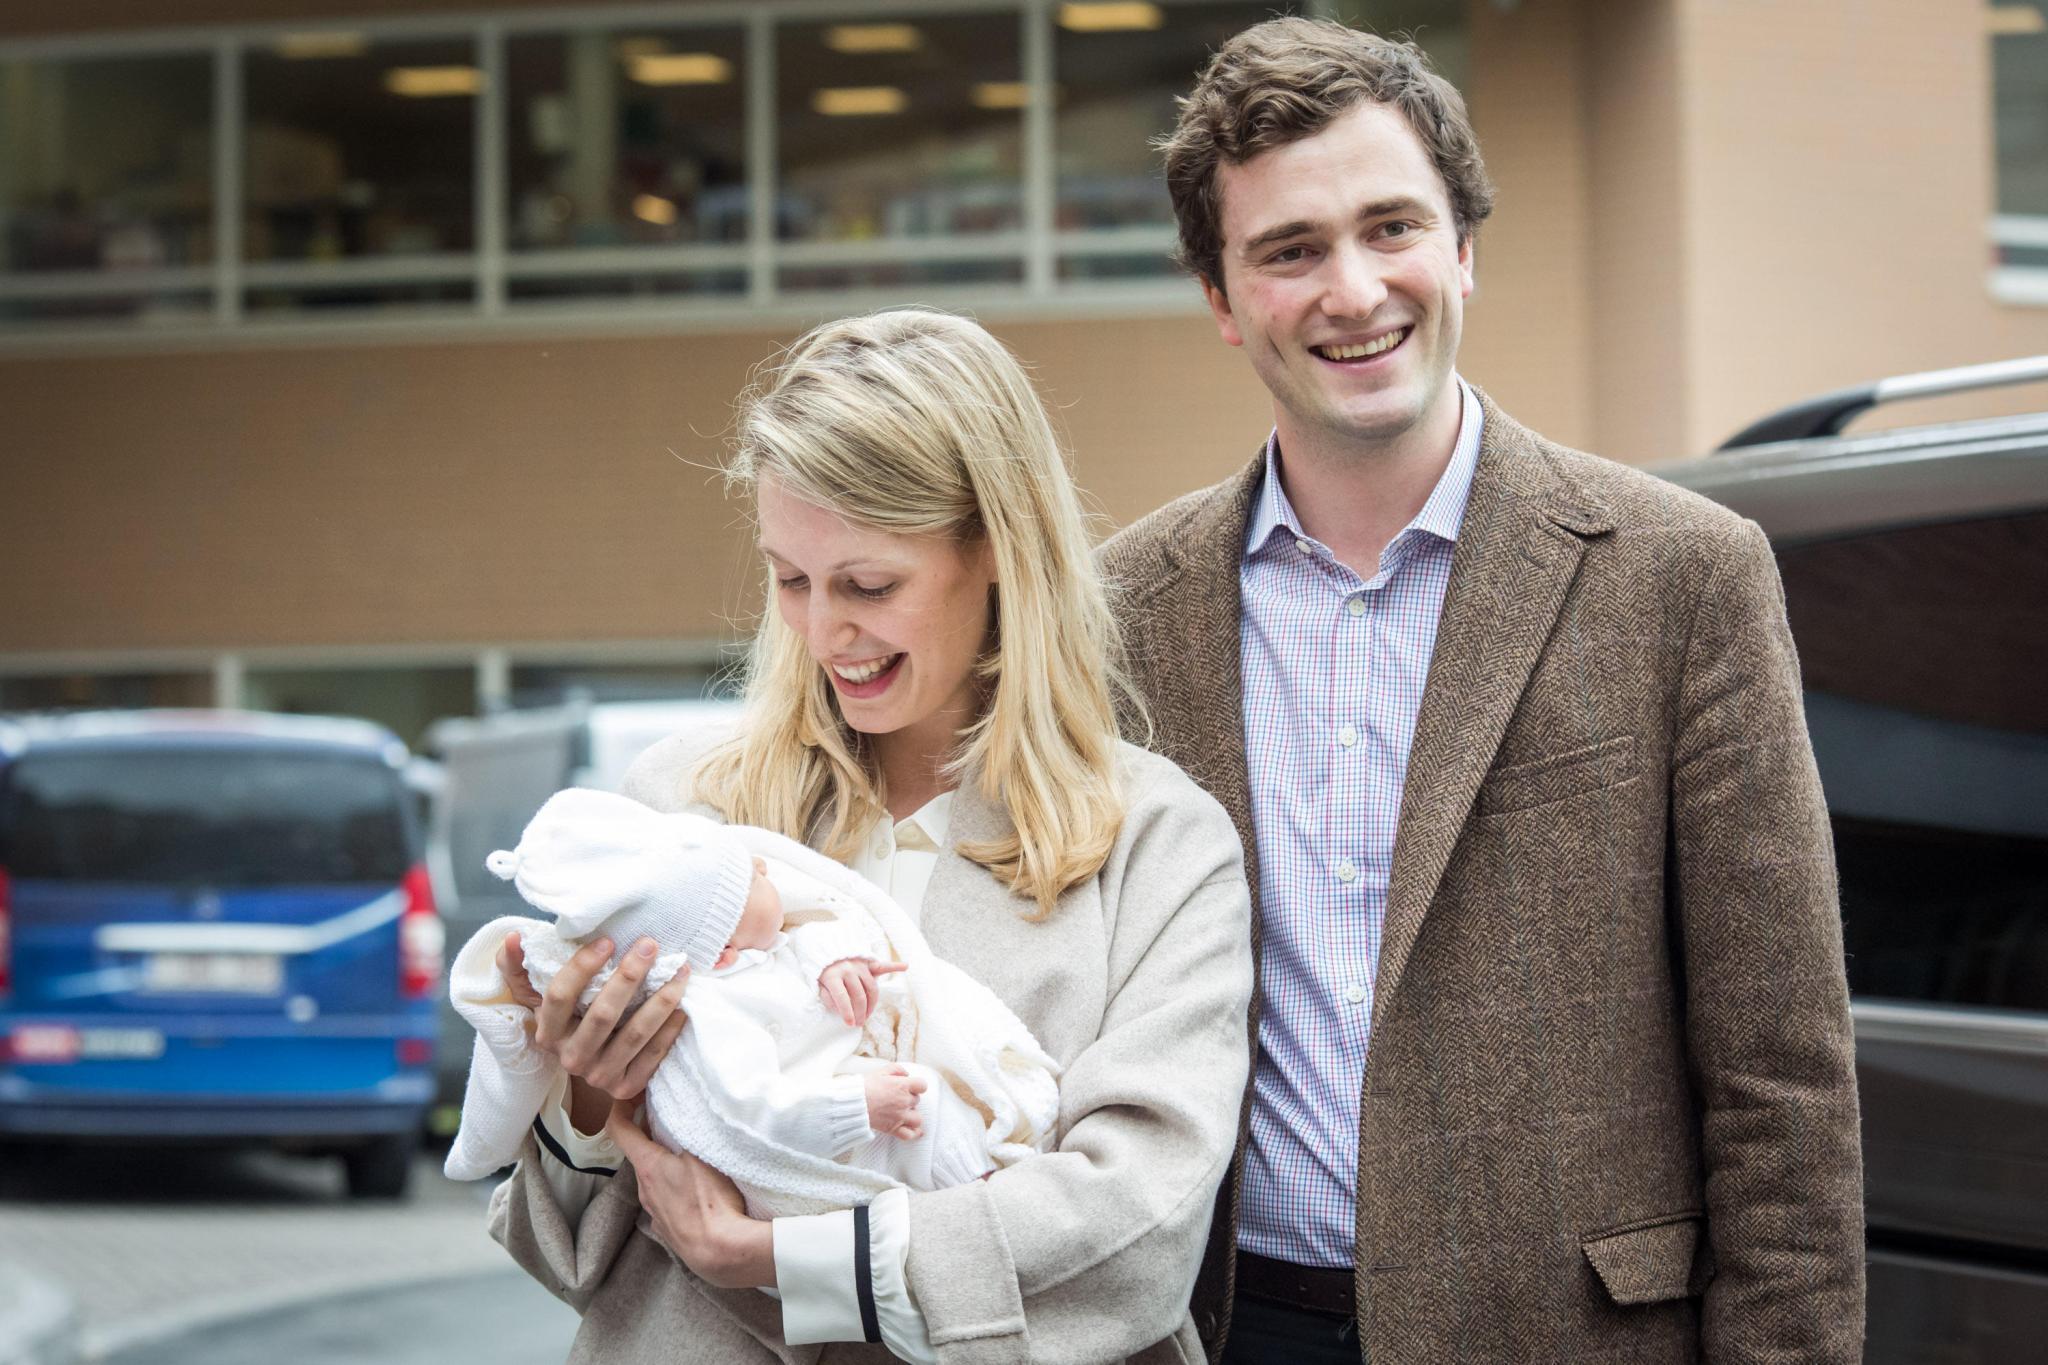 Prinz Amedeo zeigt sich gemeinsam mit Ehefrau Elisabetta und seiner neugeborenen Tochter Anna Astrid am 20. Mai vor dem Krankenhaus